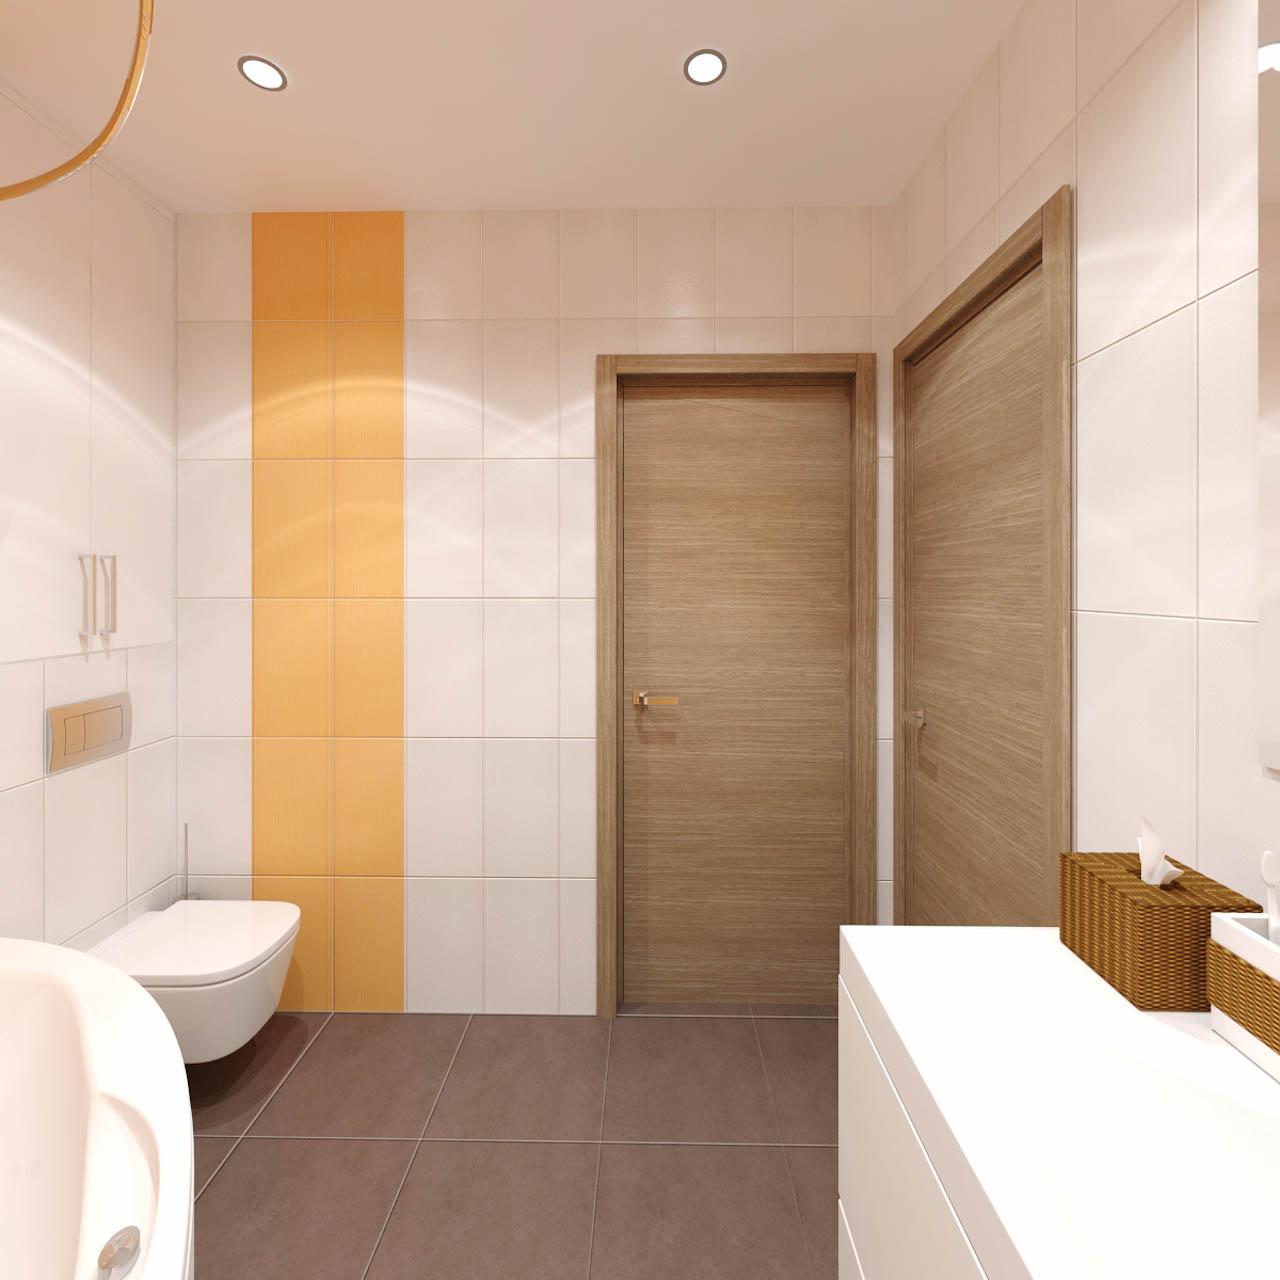 Дизайн интерьера двухкомнатной квартиры по ул. Машинная 40 img1942738631